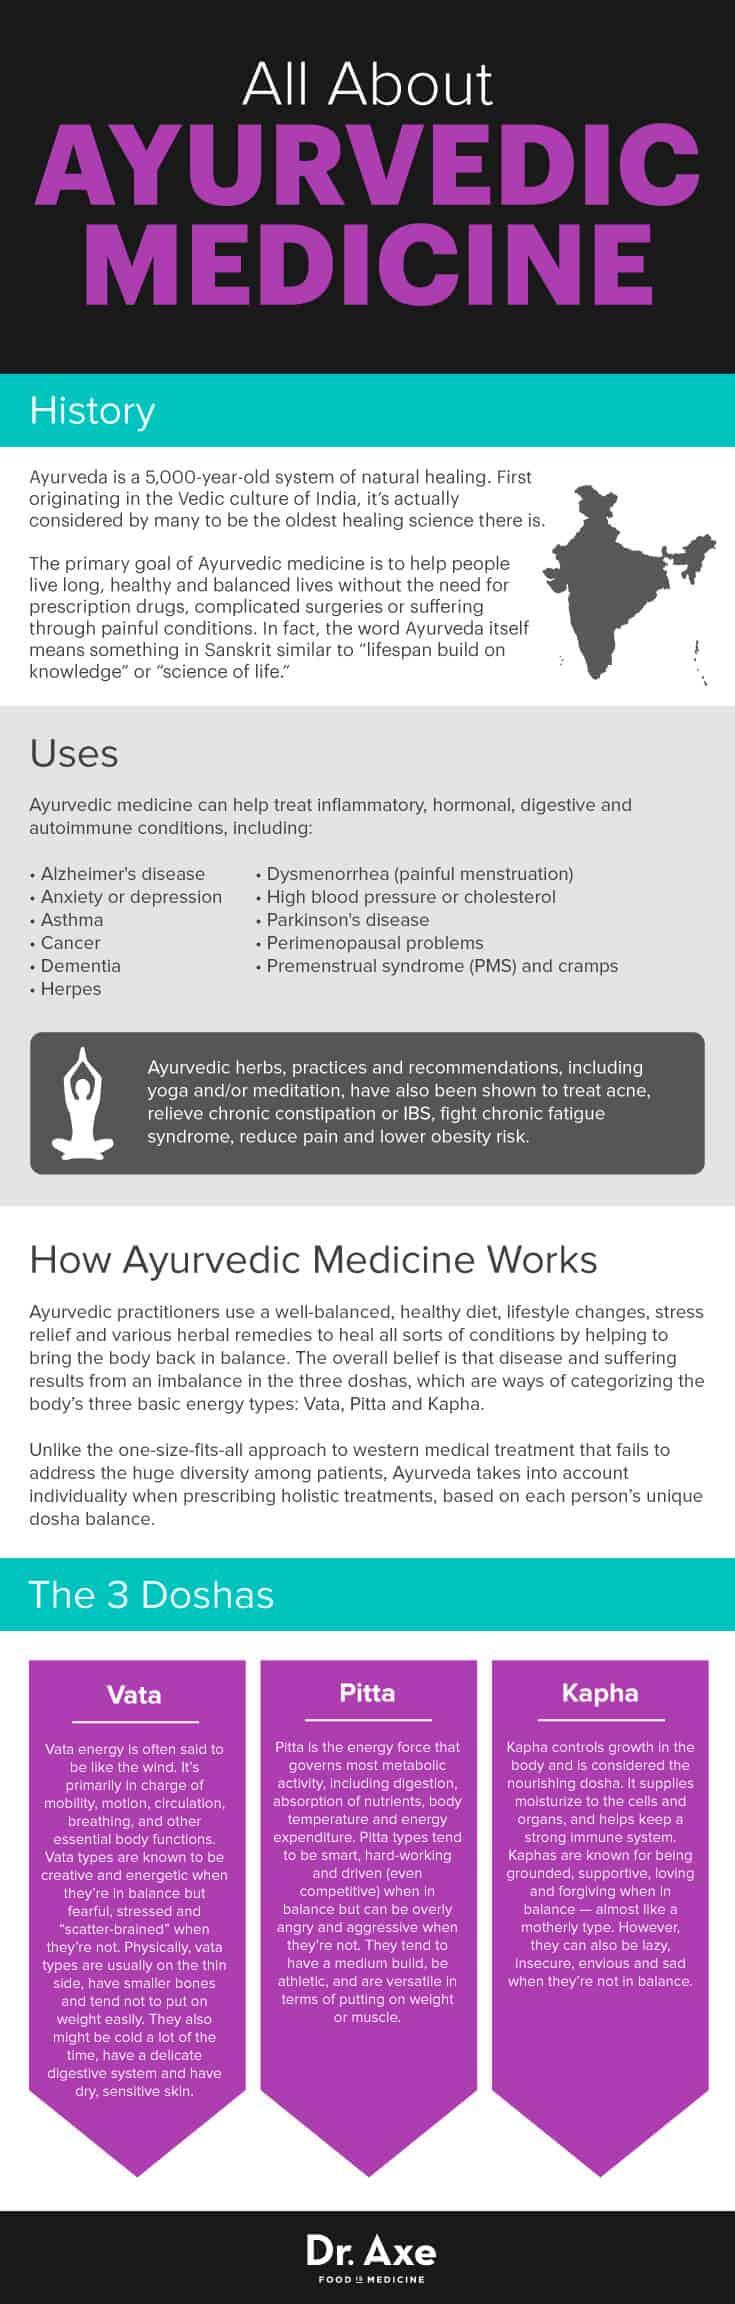 Ayurvedic medicine guide - Dr. Axe